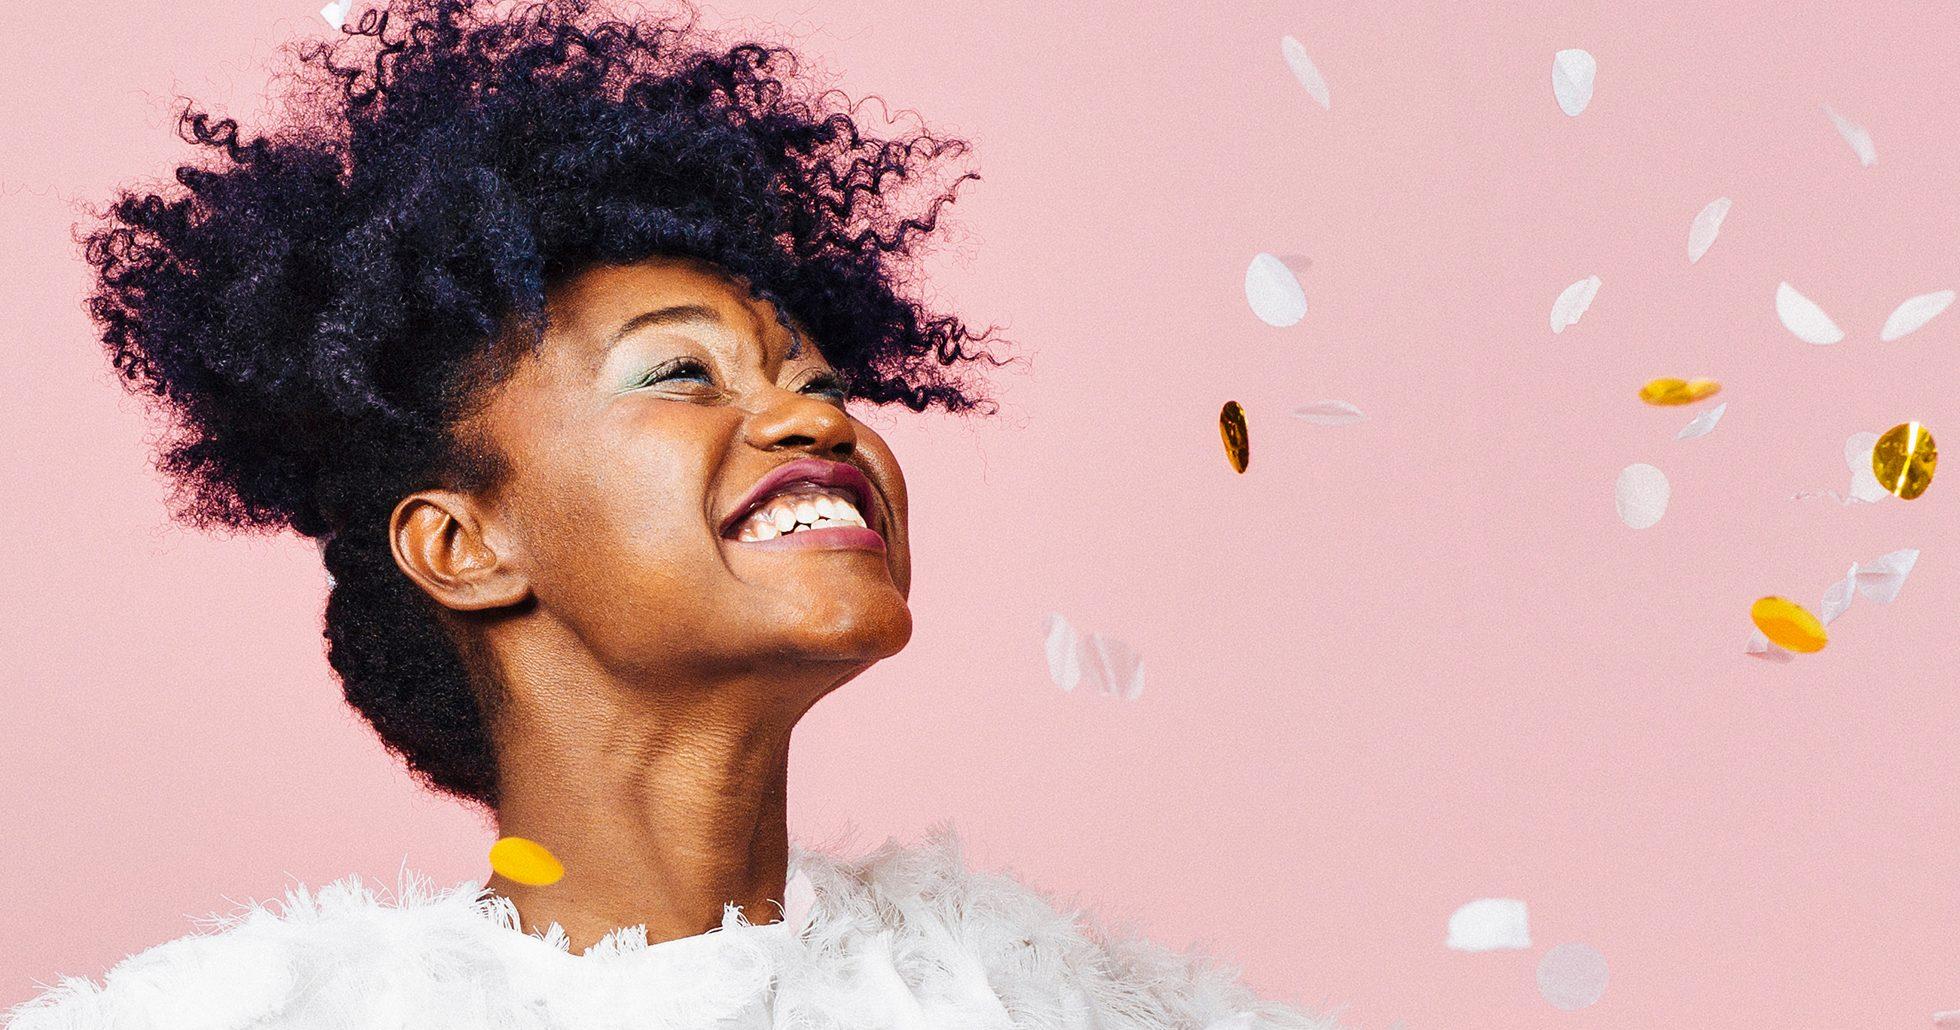 Kvinna ler och klassar konfetti